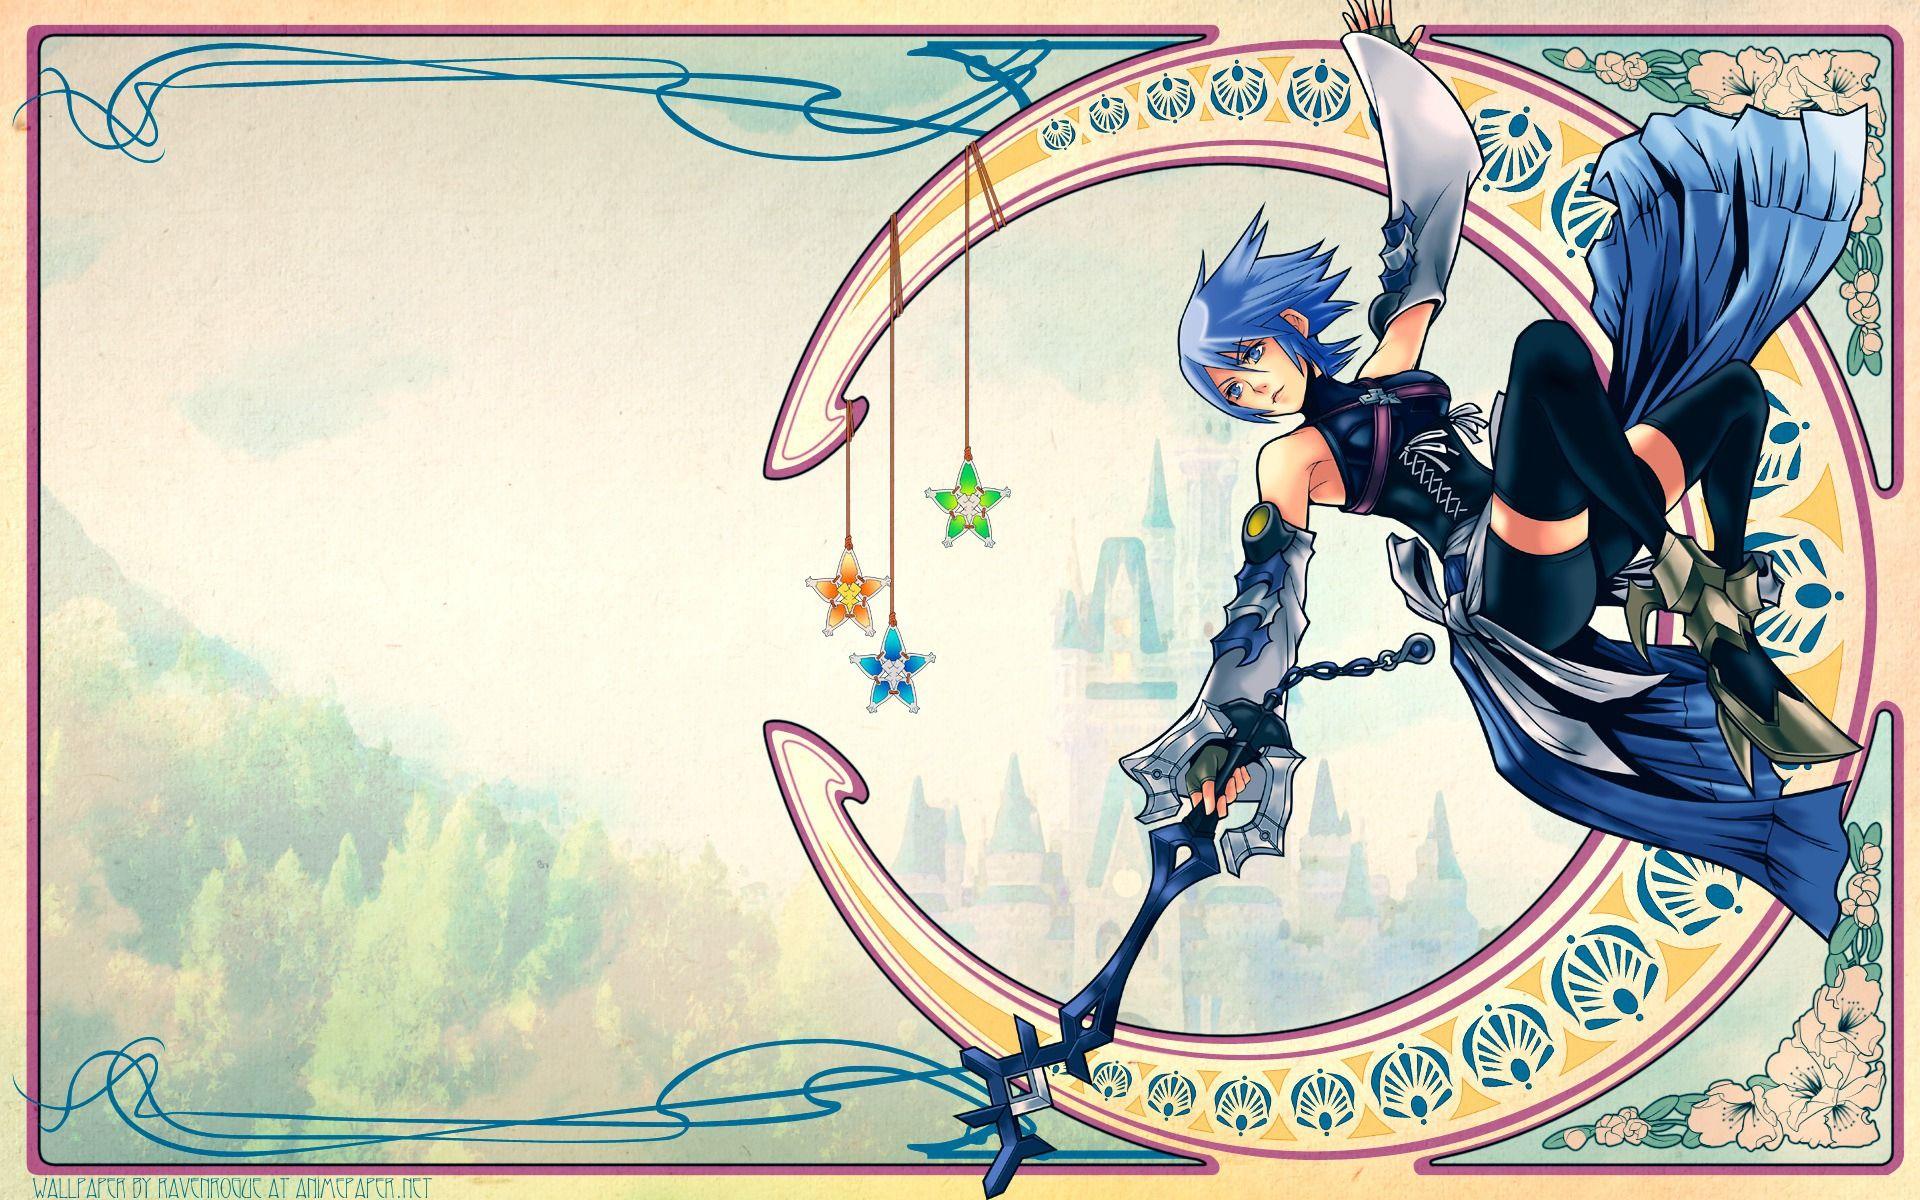 Aqua | Kingdom Hearts